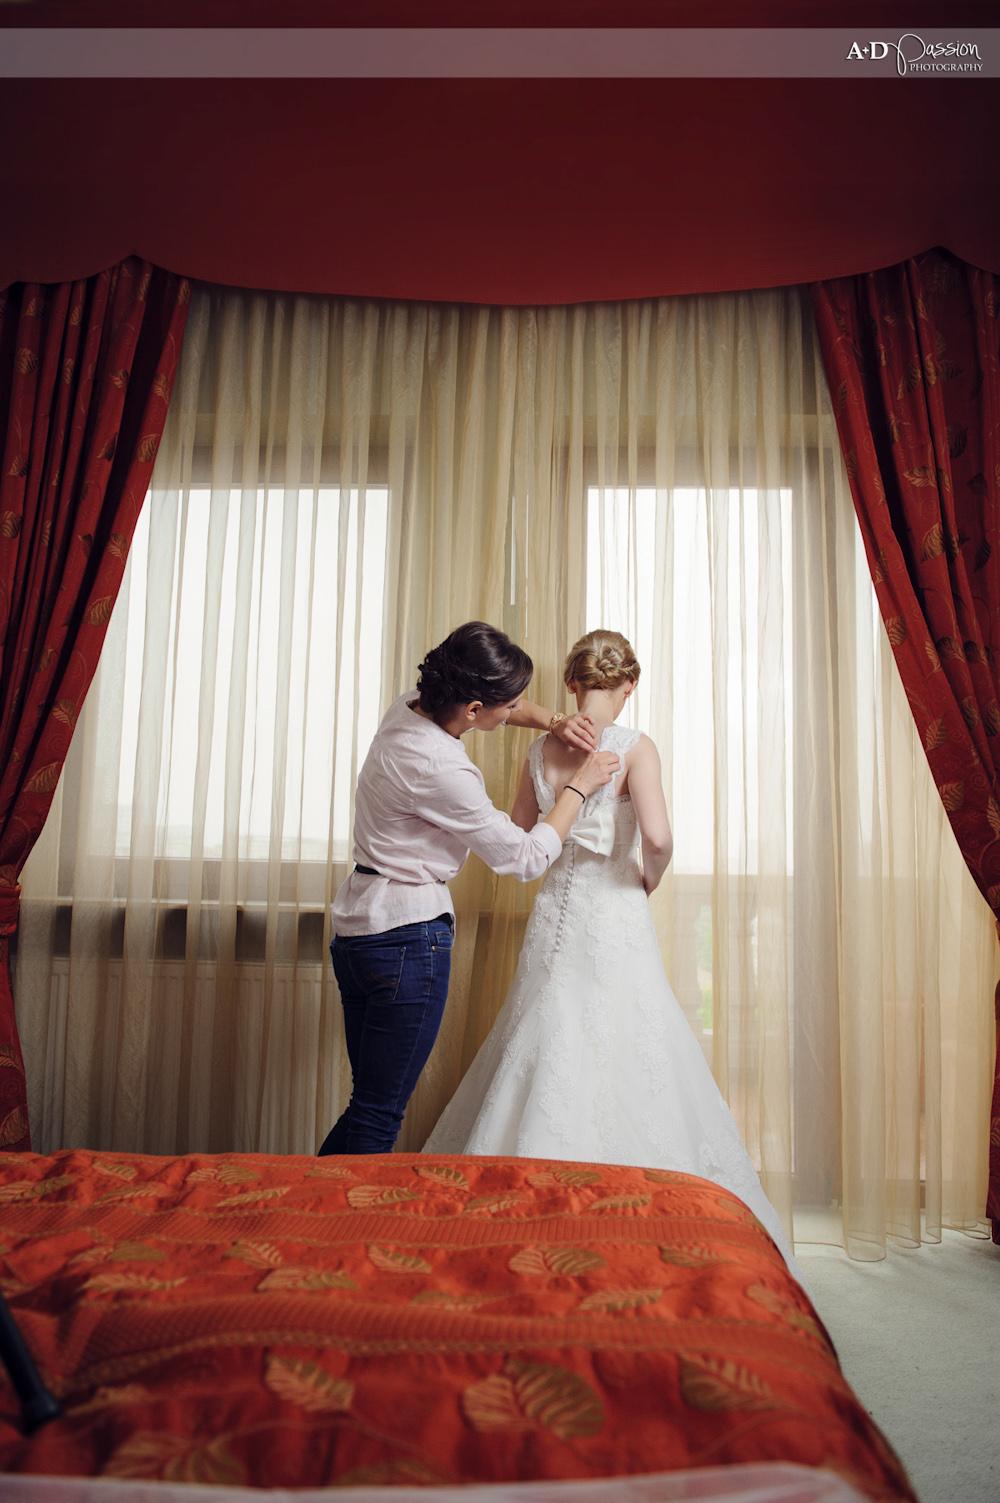 AD Passion Photography | 20120611_fotografie-de-nunta_fotograf-profesionist-nunta-bucuresti_0023 | Adelin, Dida, fotograf profesionist, fotograf de nunta, fotografie de nunta, fotograf Timisoara, fotograf Craiova, fotograf Bucuresti, fotograf Arad, nunta Timisoara, nunta Arad, nunta Bucuresti, nunta Craiova